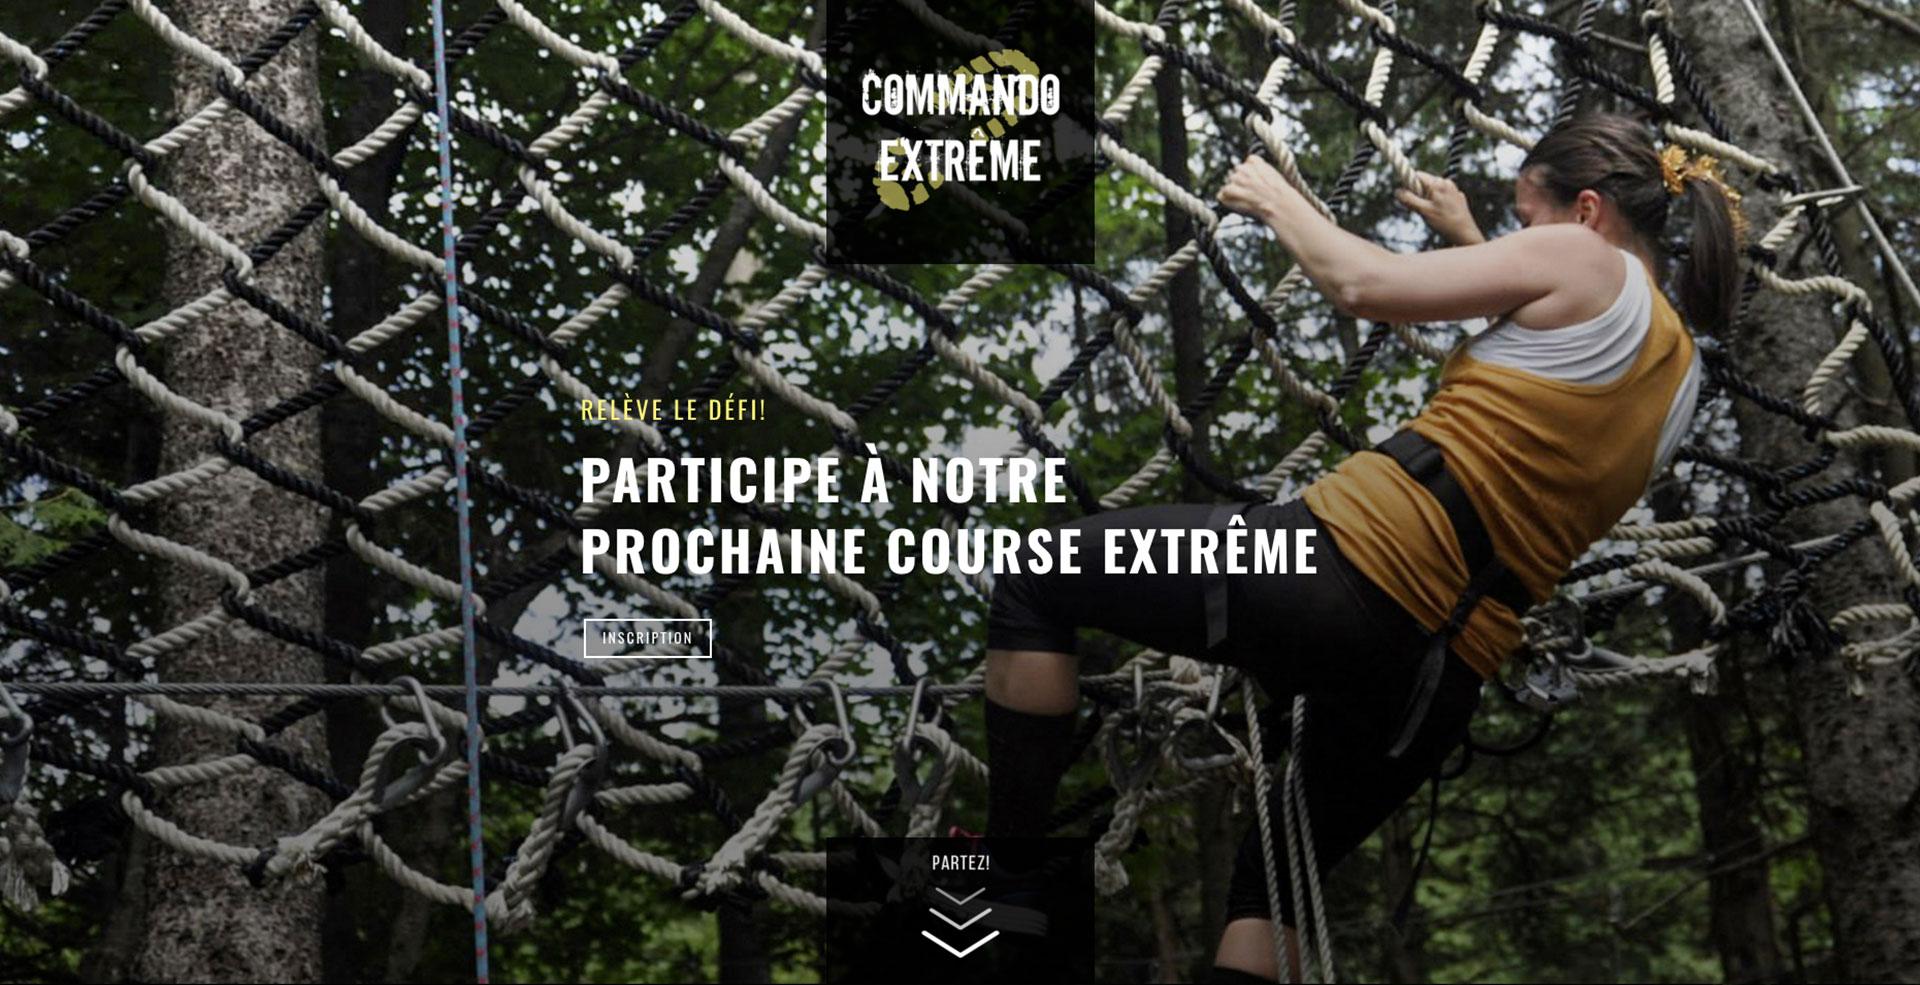 Commando Extrême